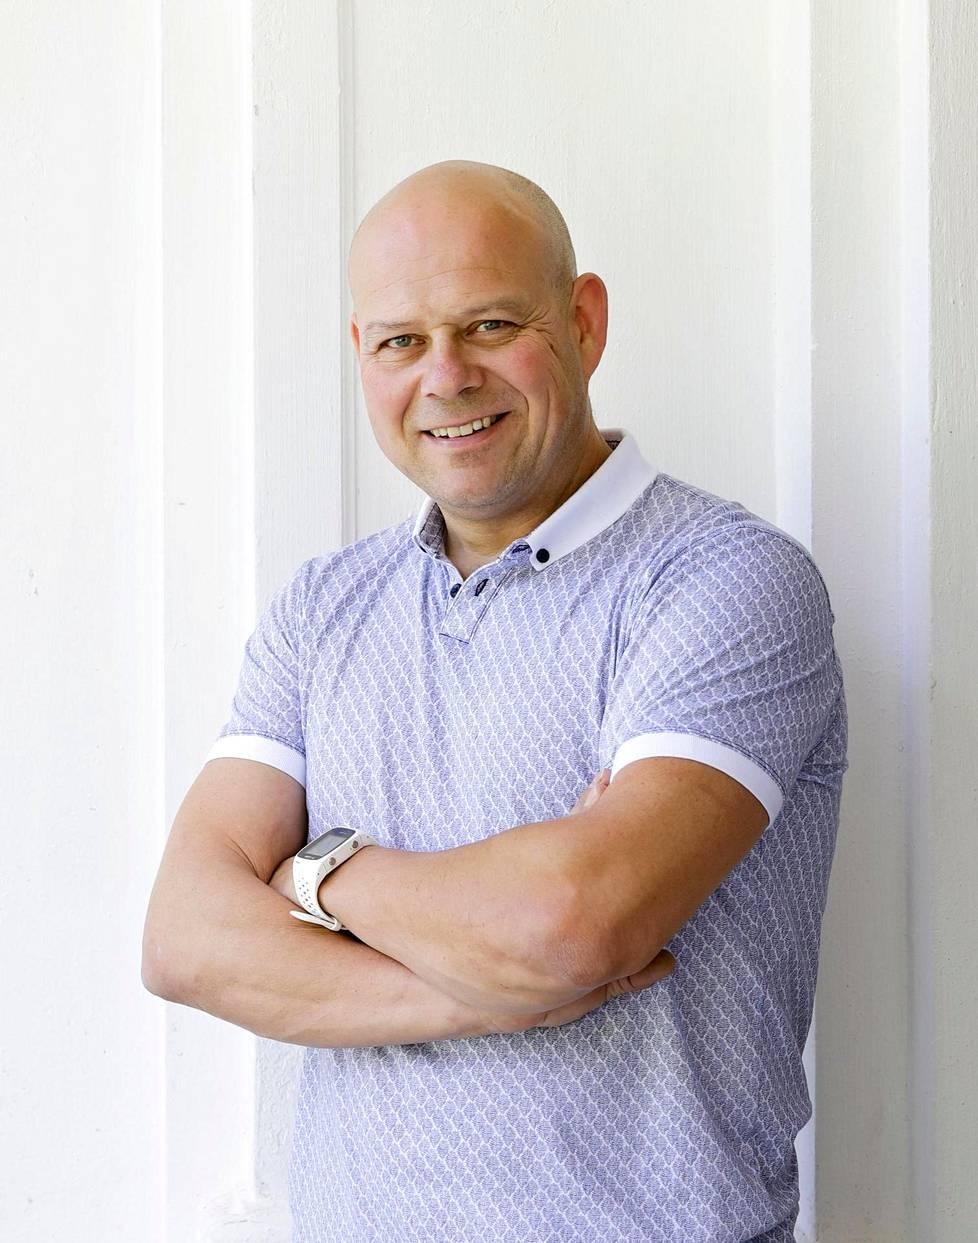 Raimo Sulkava, 47, on grynderi ja kiinteistösijoittaja, joka rakennuttaa ullakkohuoneistoja Helsingin keskustaan sekä rivi- ja luhtitaloja ympäri maata. Koulutukseltaan hän on rakennusmestari.